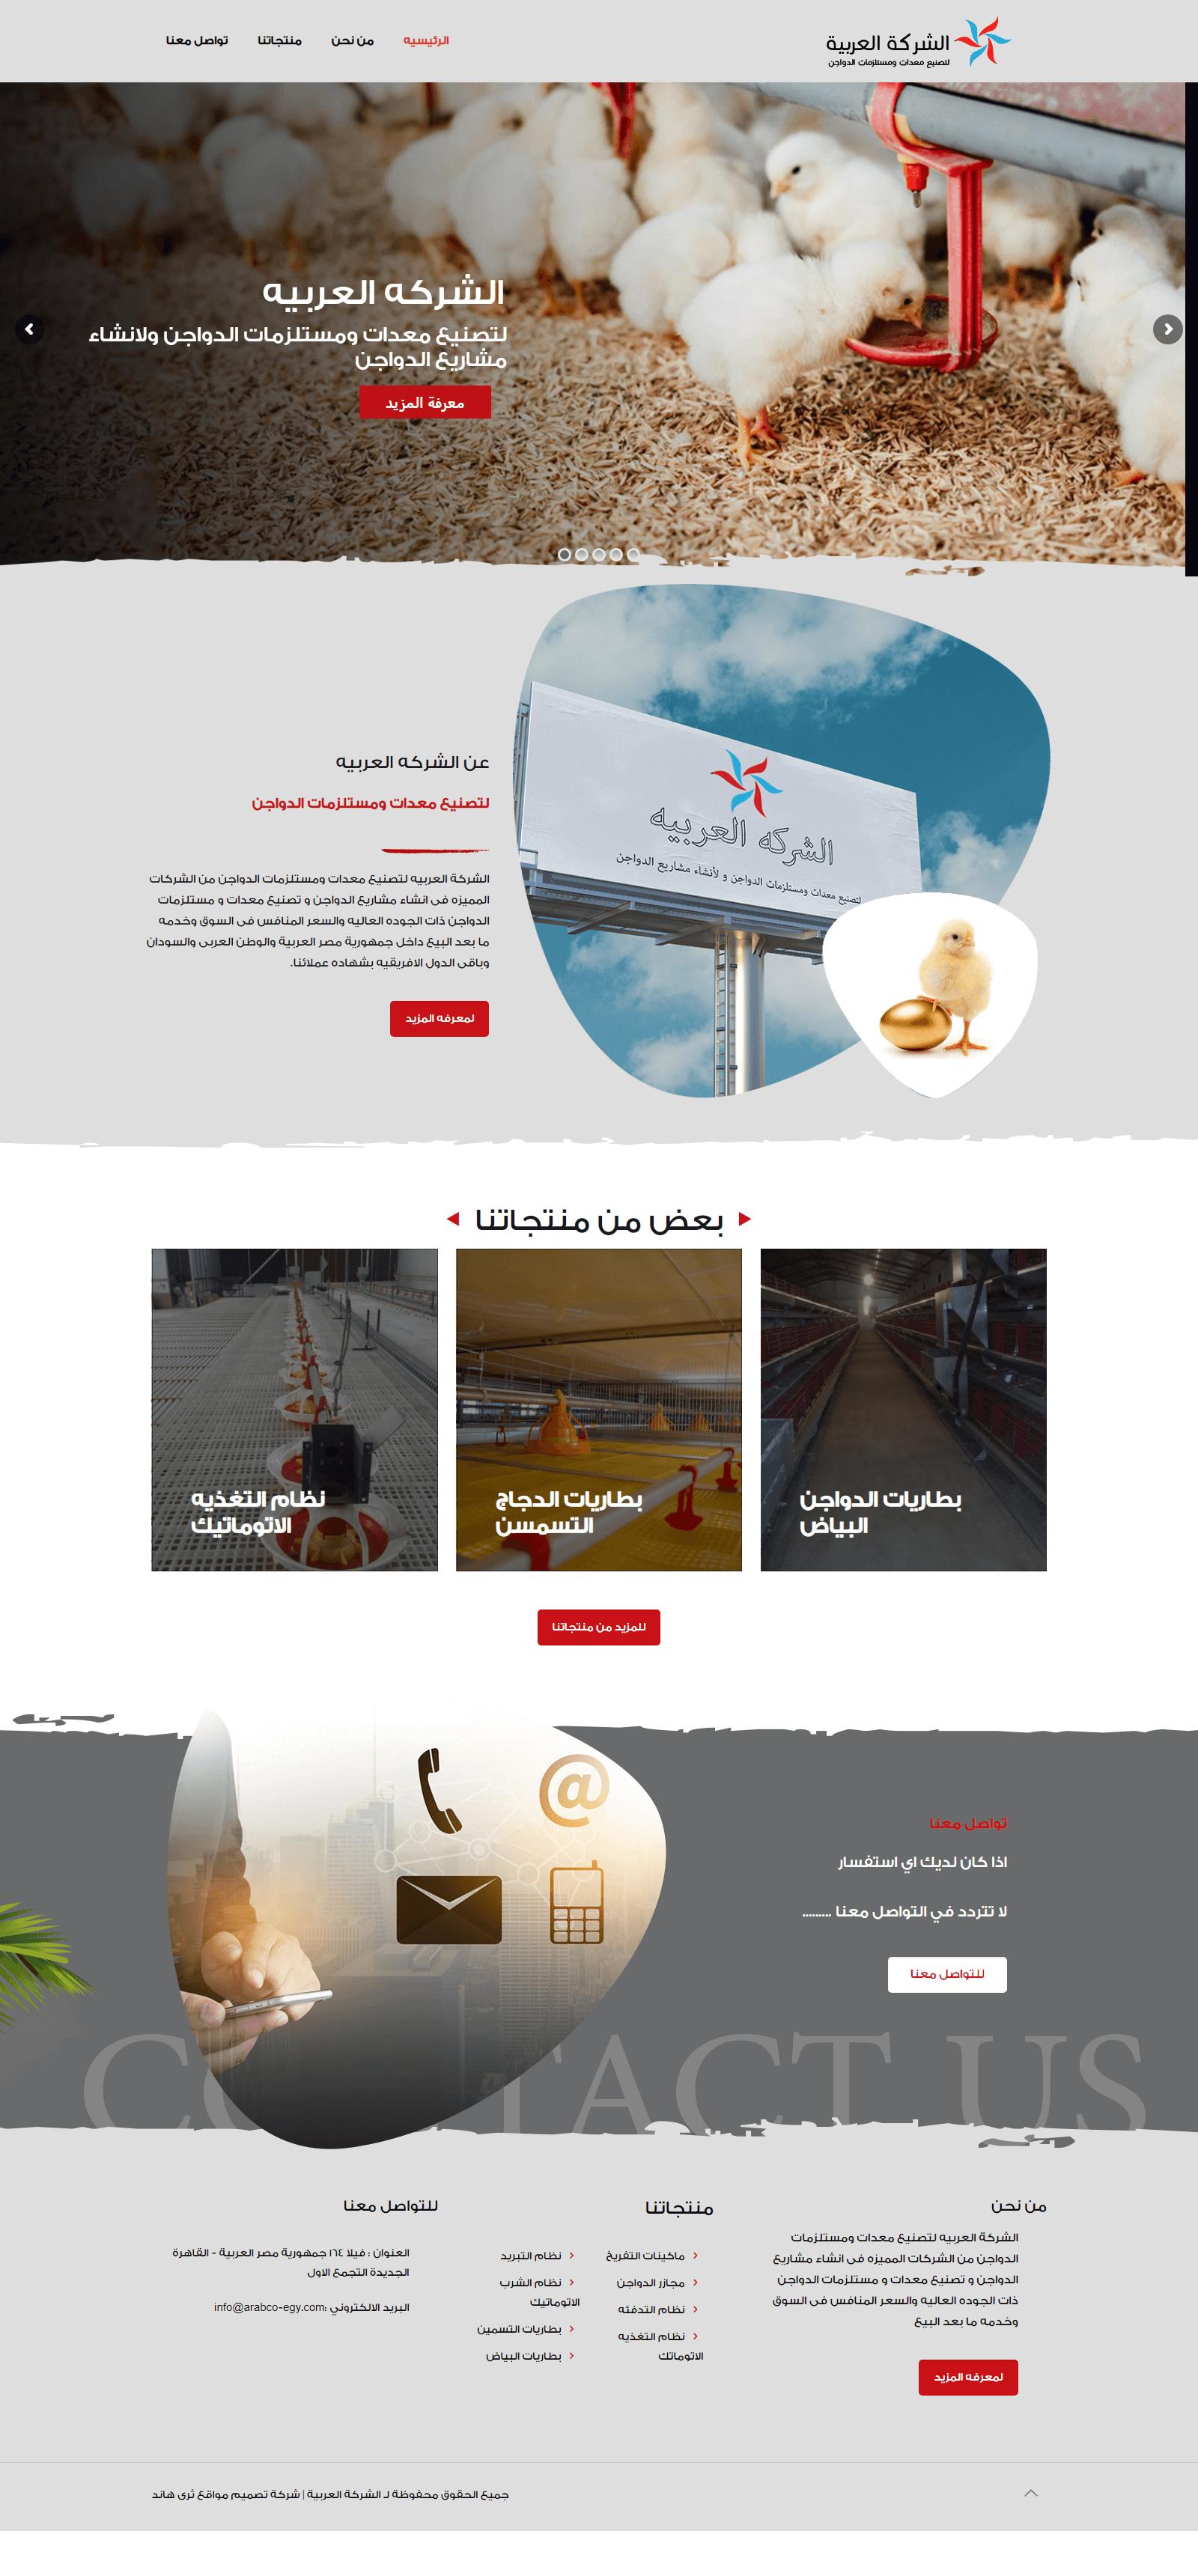 الشركه-العربيه-–-لتصنيع-معدات-ومستلزمات-الدواجن-3